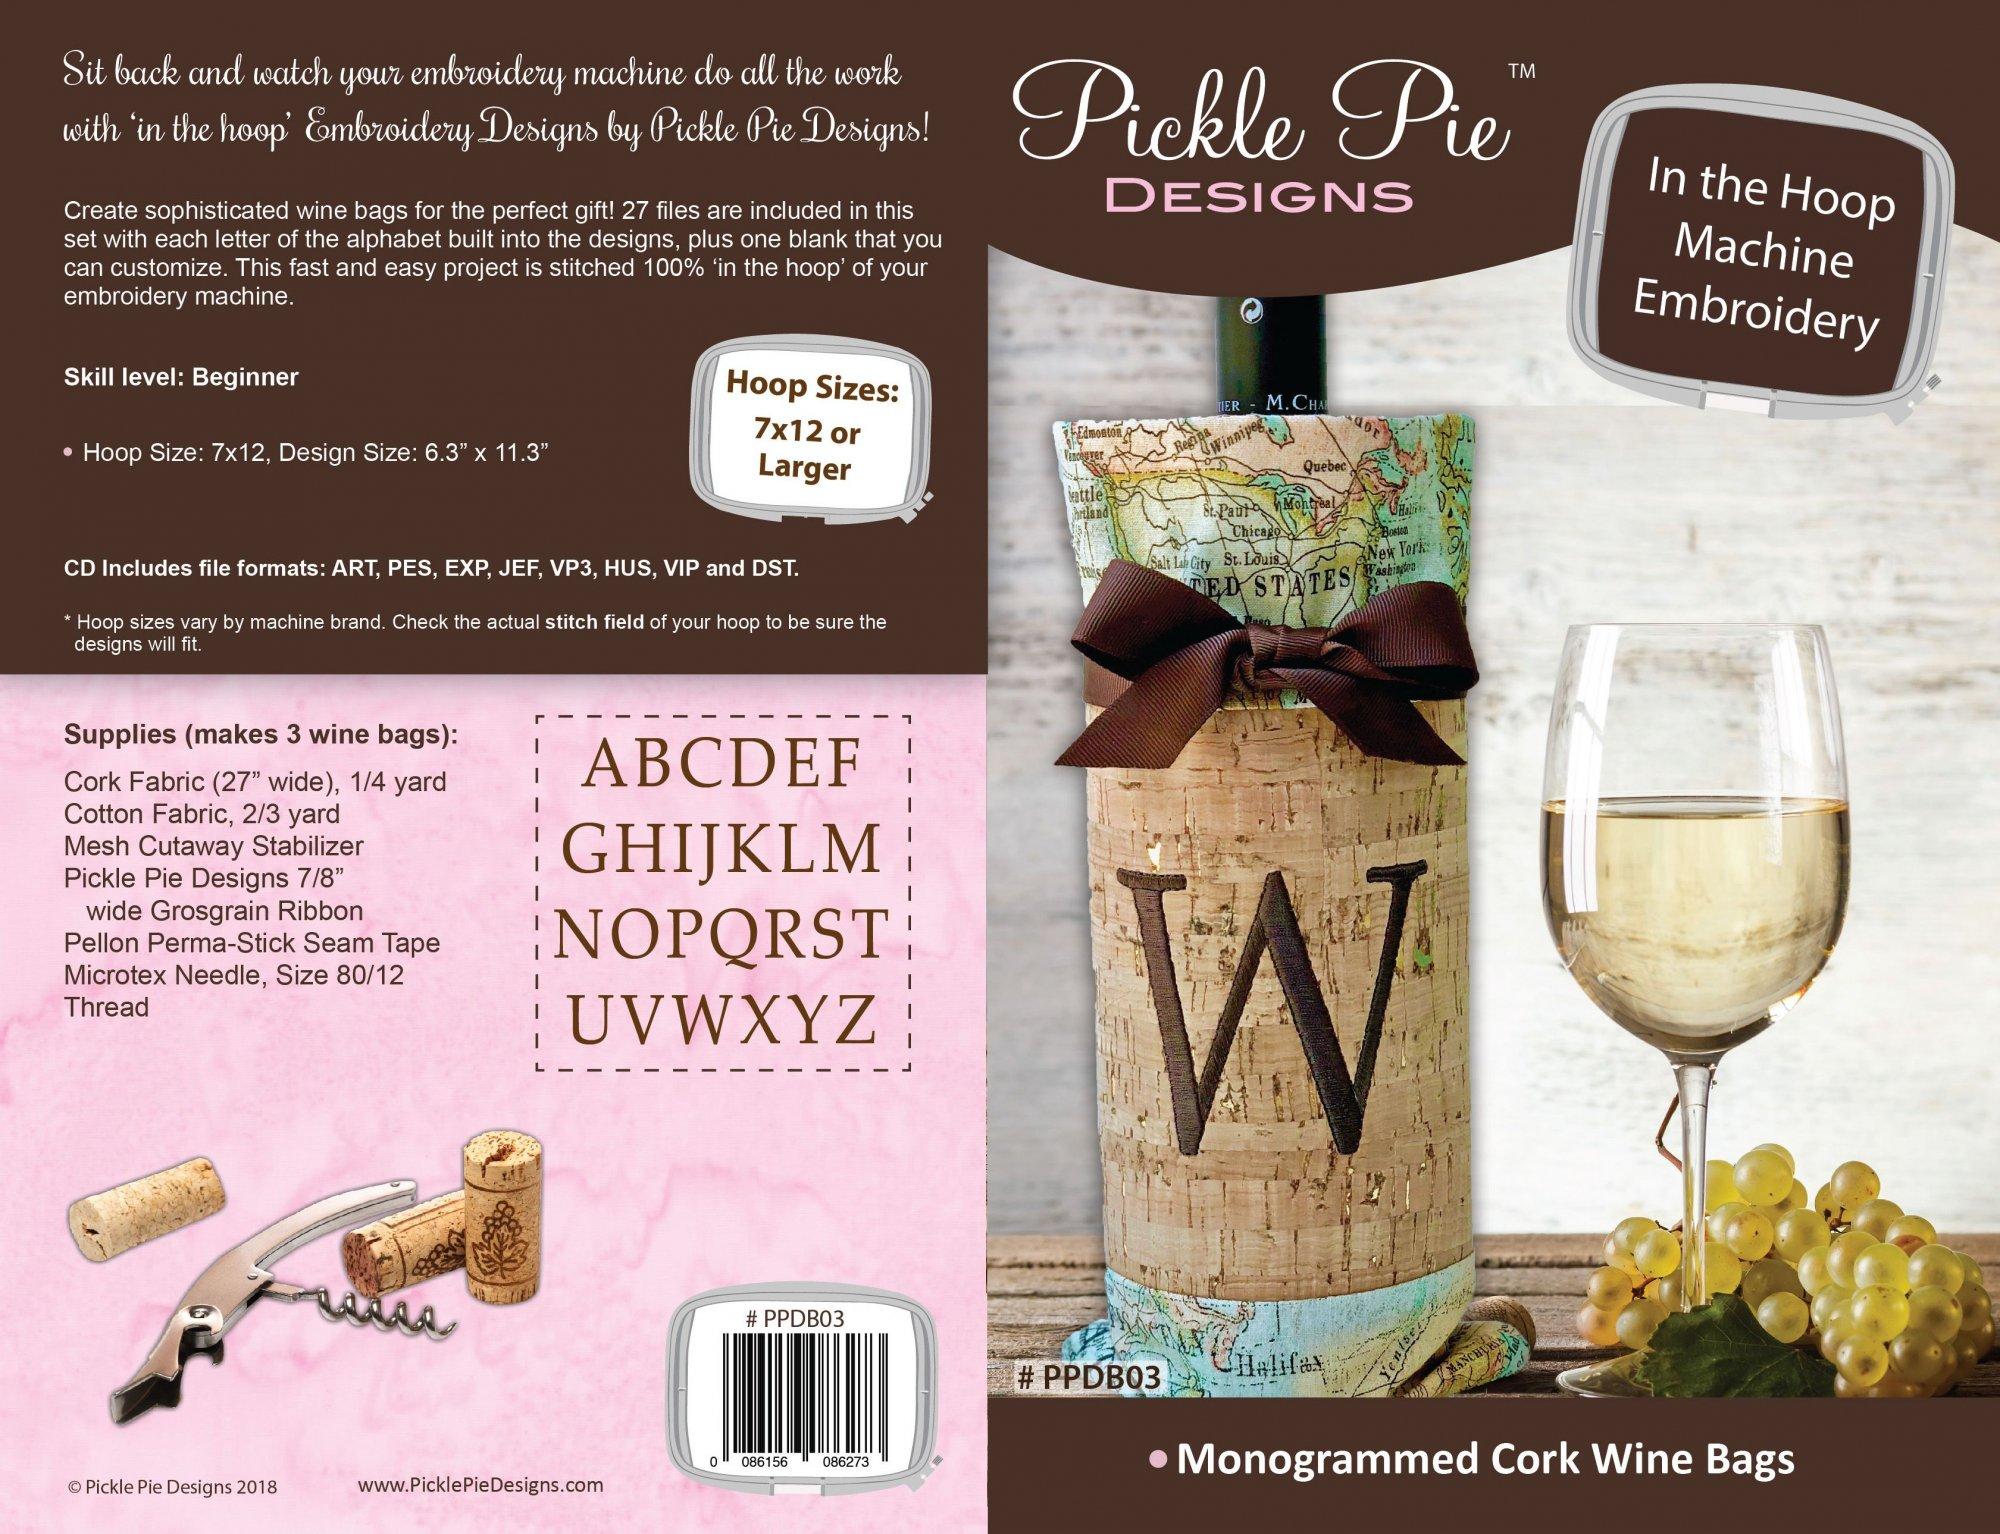 Monogrammed Cork Wine Bags